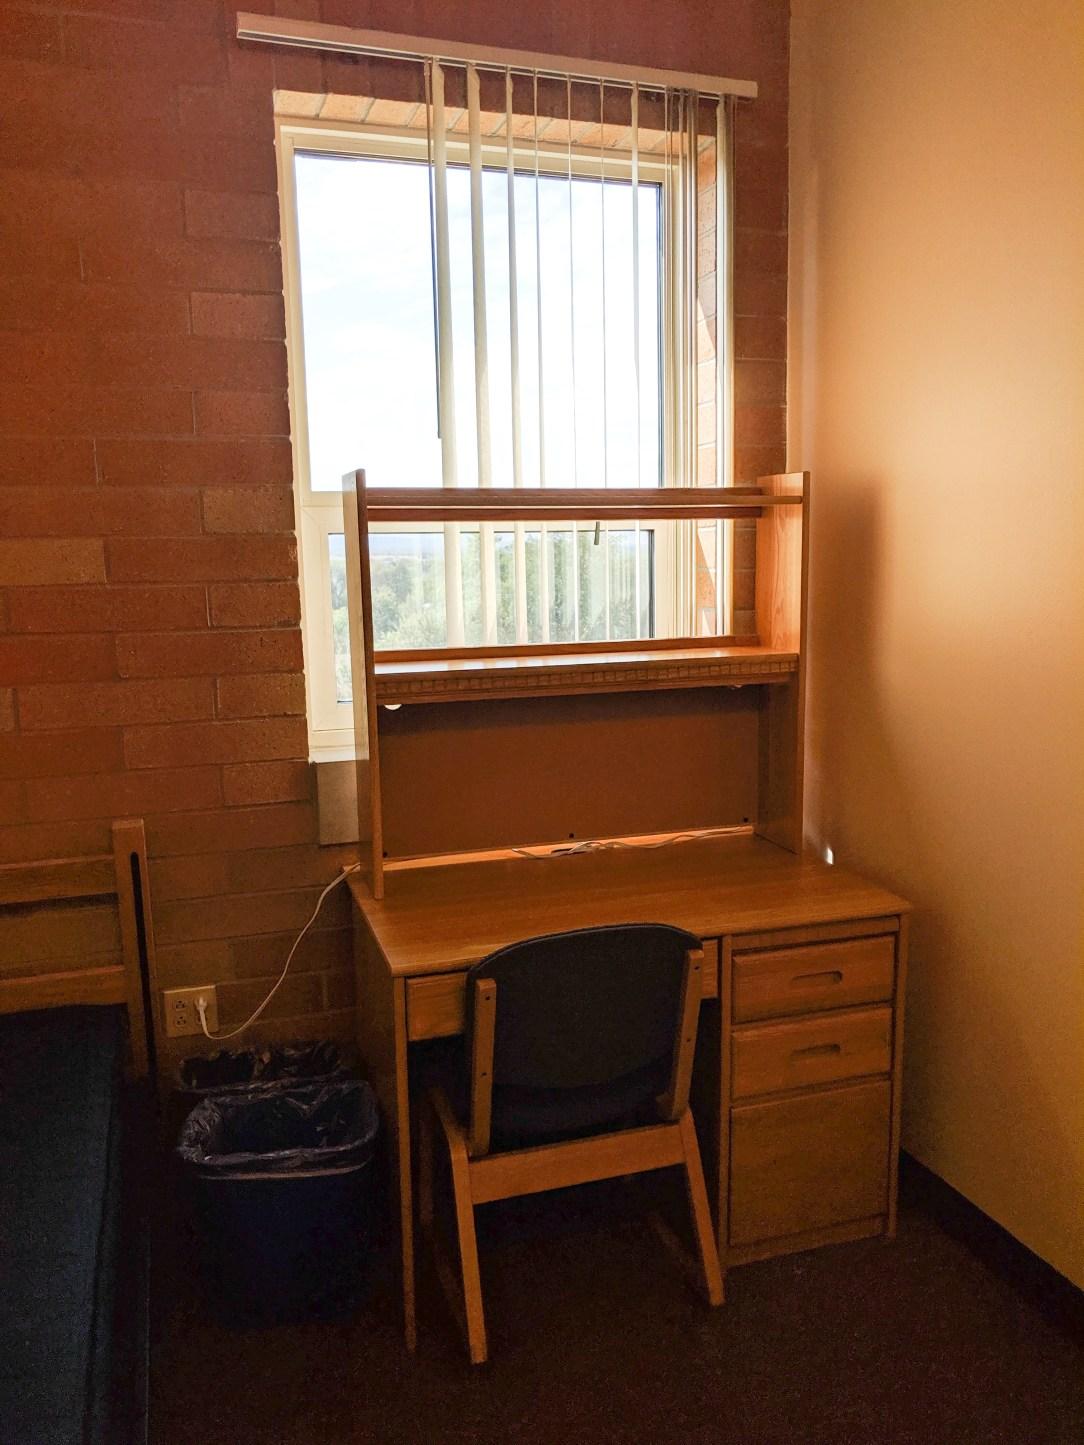 dorm room, college student, dorm makeover